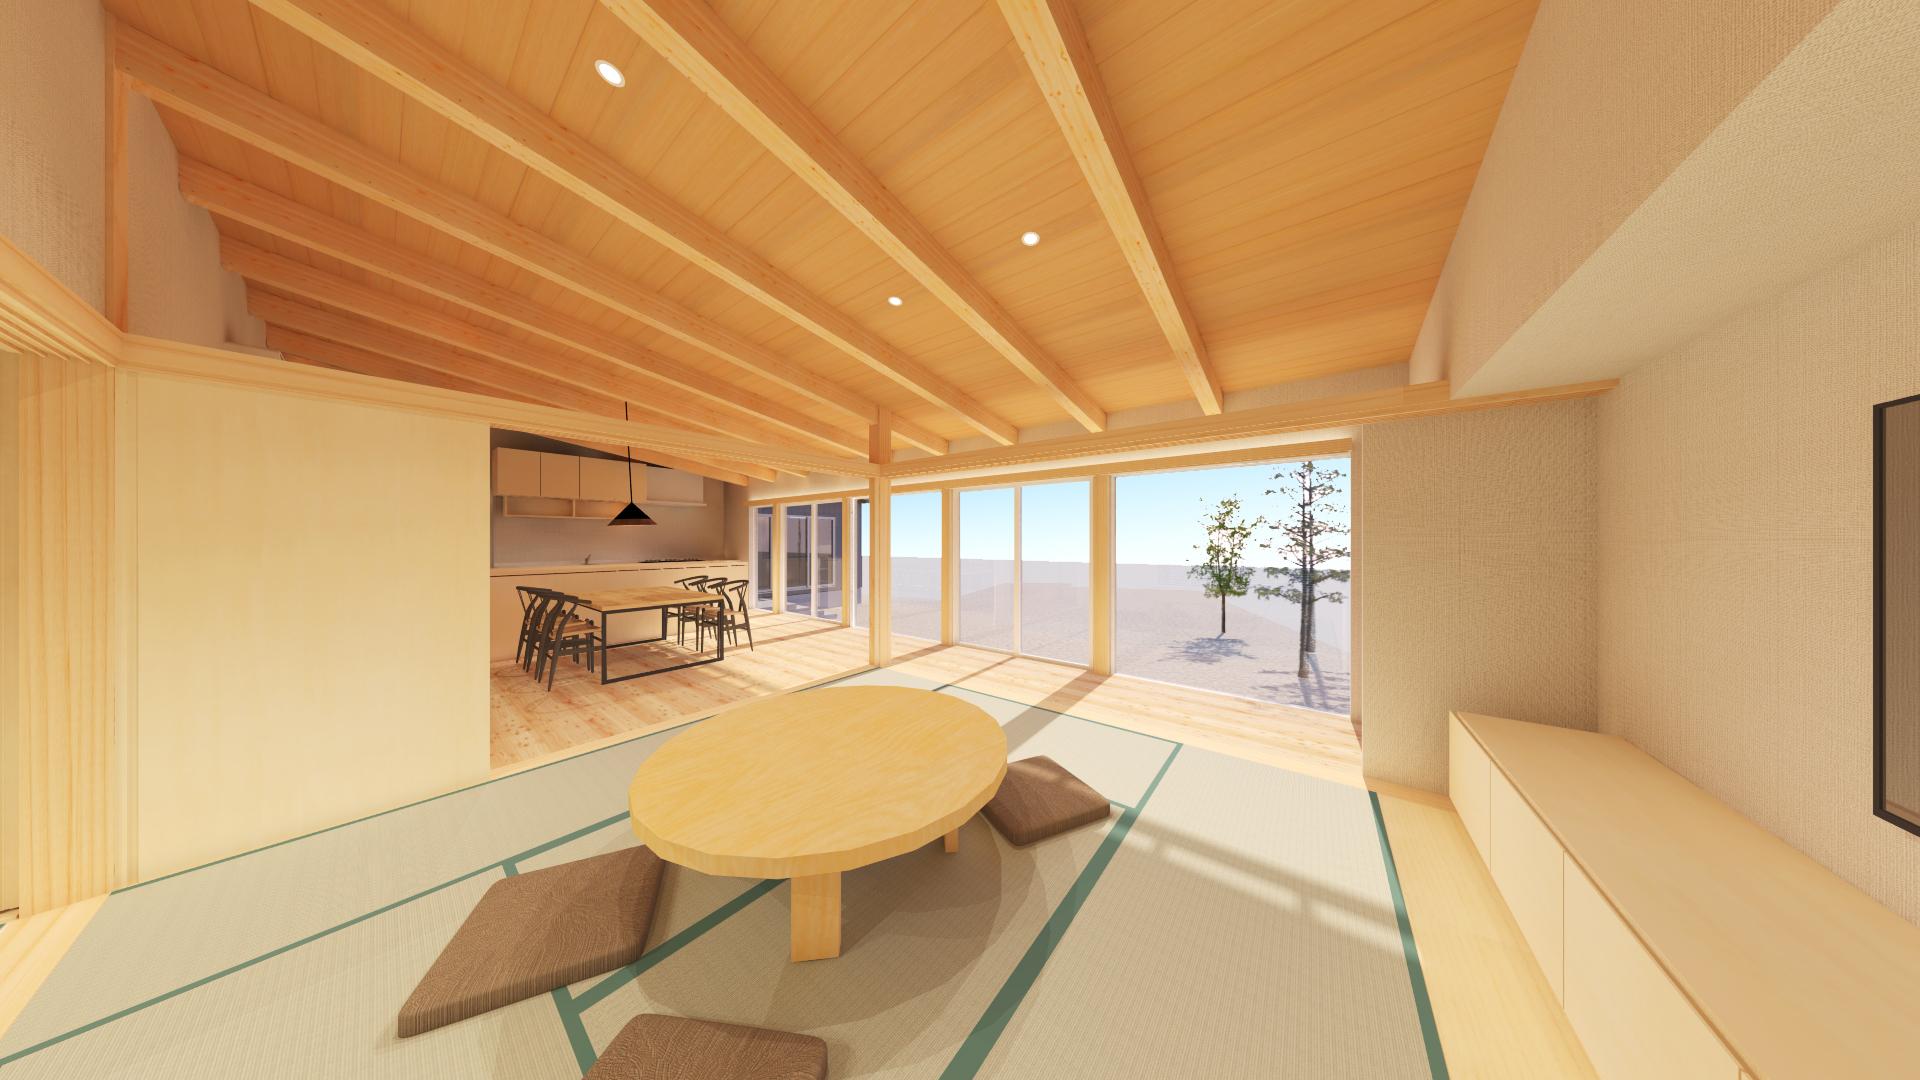 燕市小池オープンハウス、ほぼ平屋の3世帯住居。ダイナミックな構造と木の温かみが現れた居間。